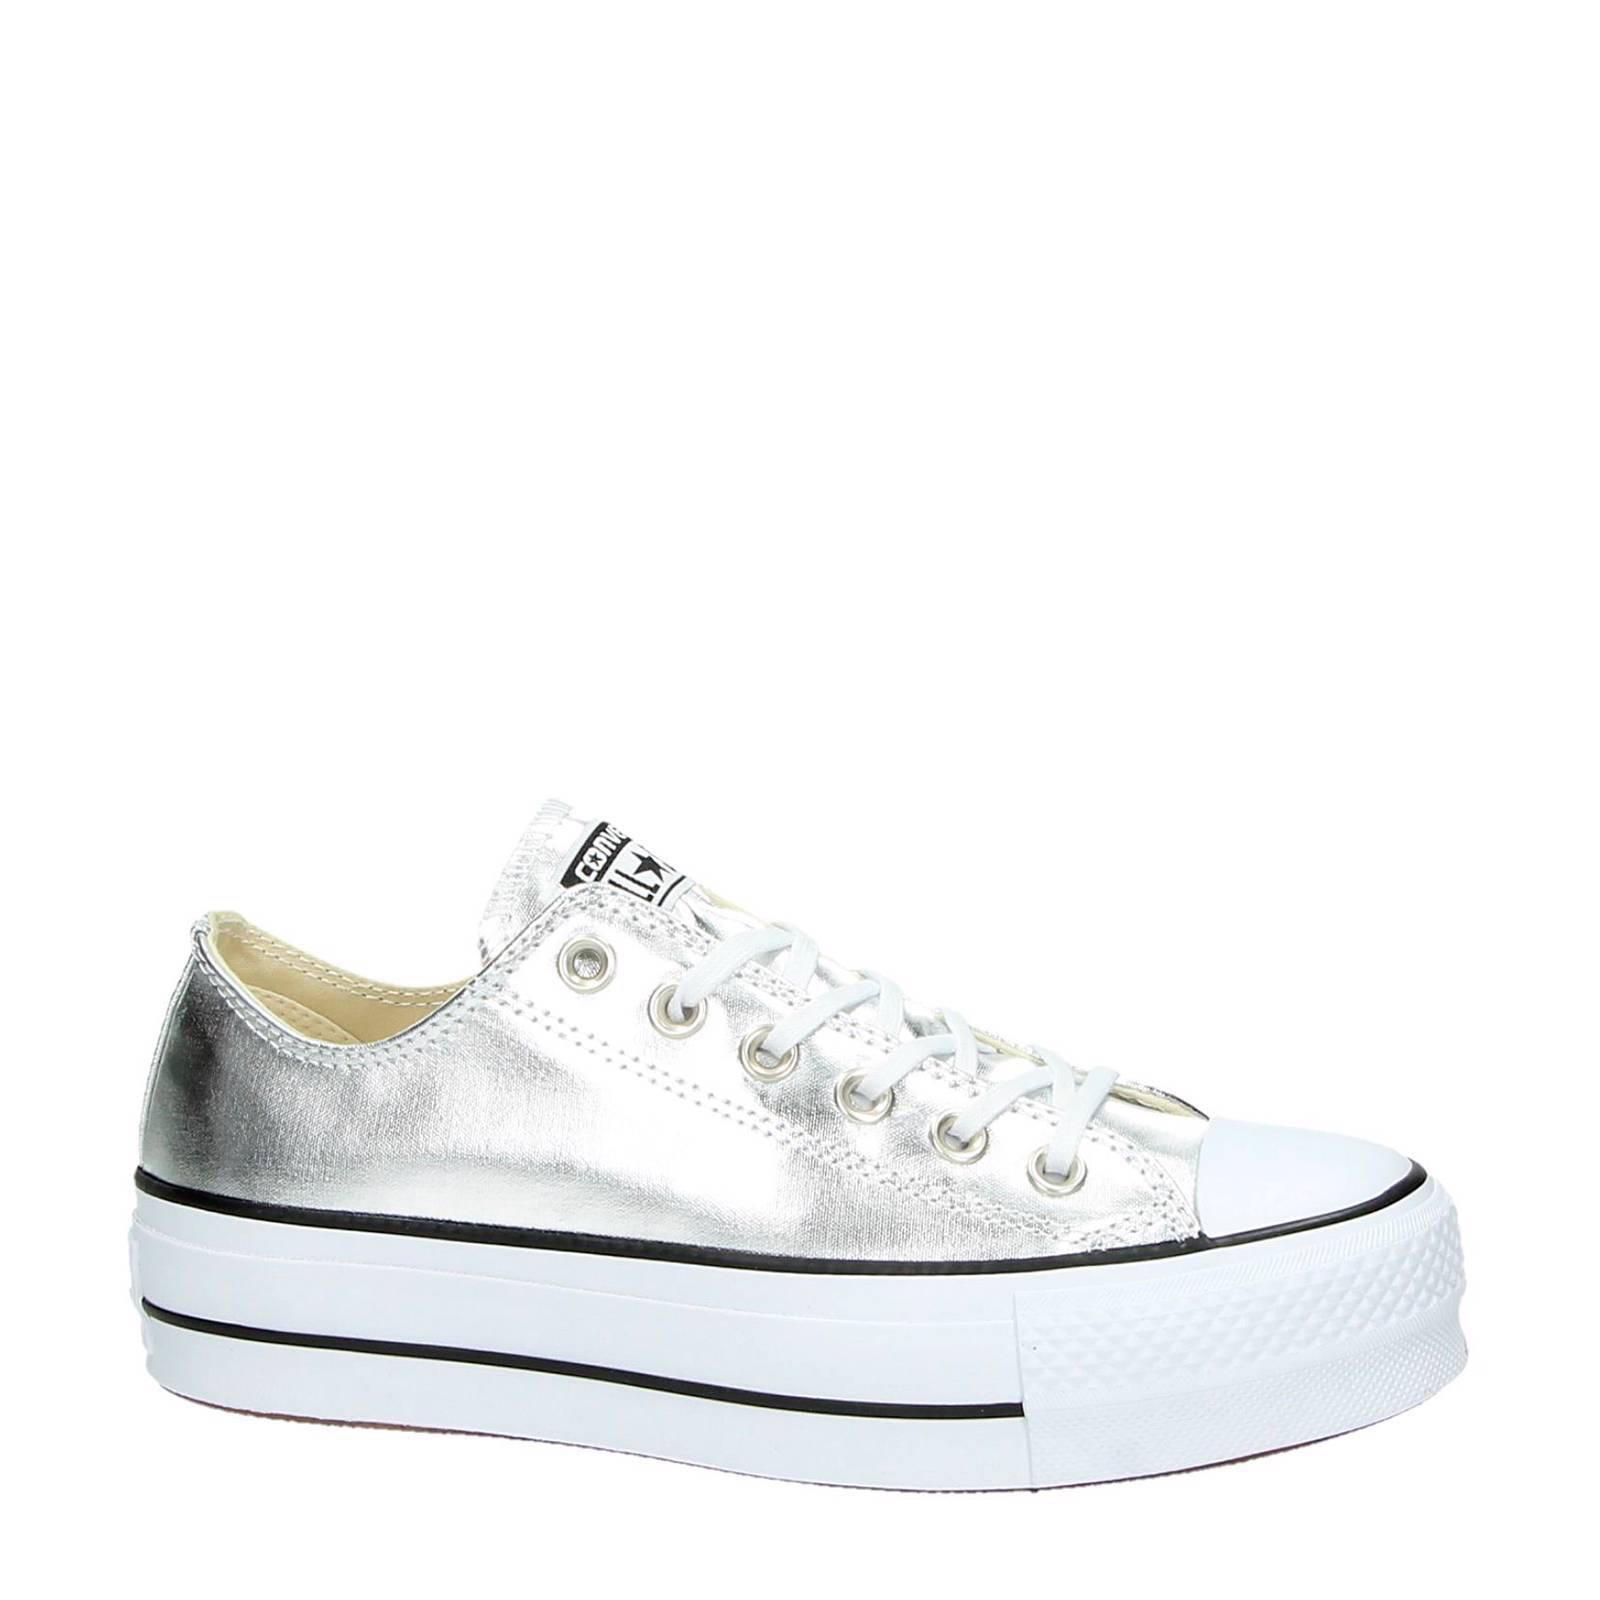 converse schoenen inlopen